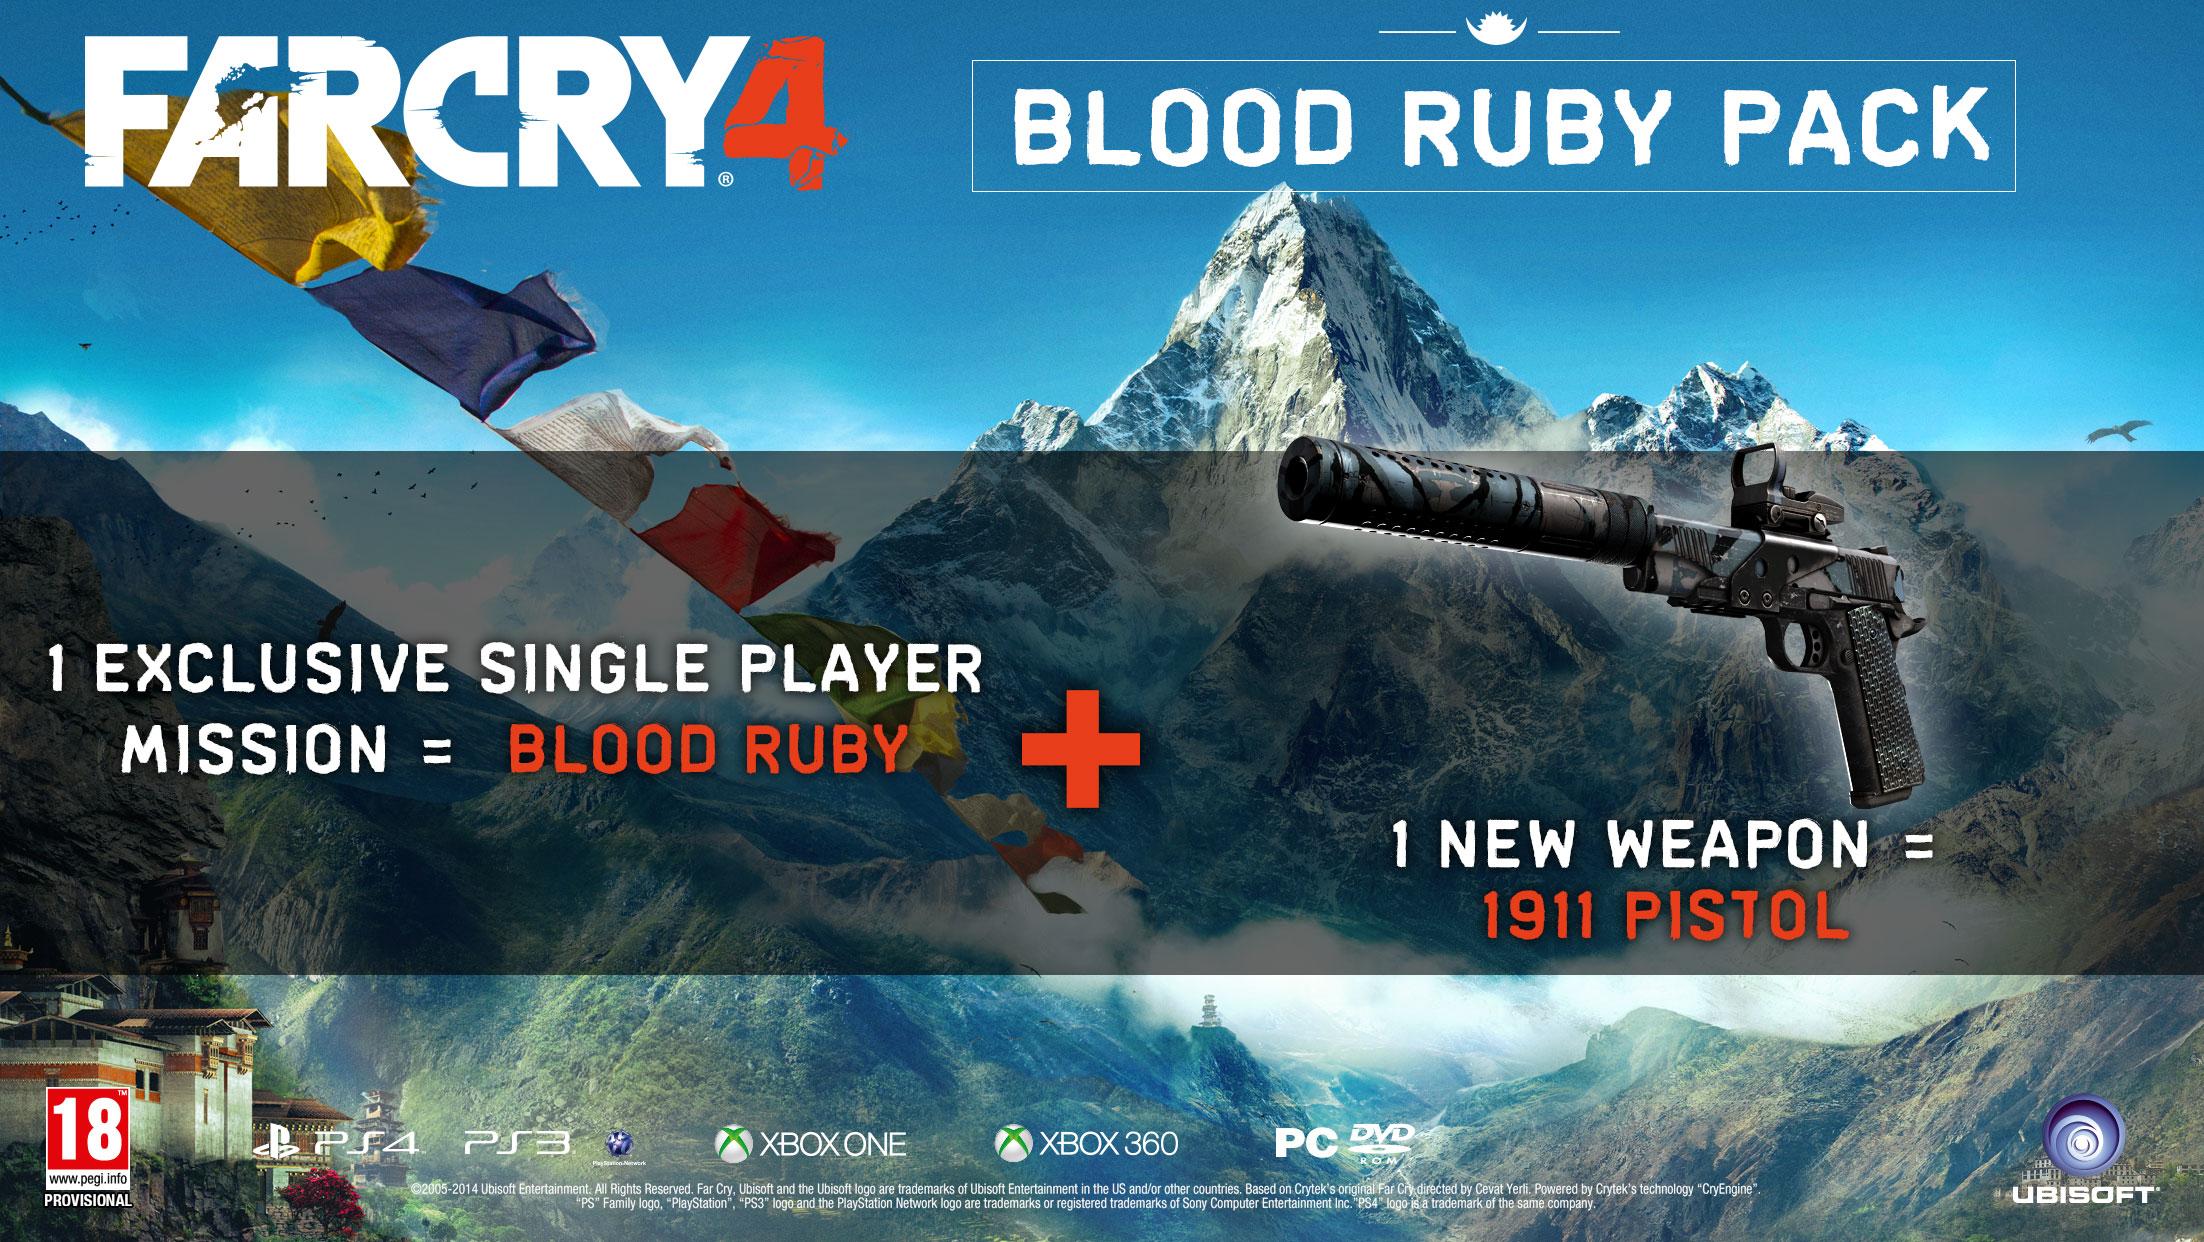 FC4_Bloodruby_Pack_EN